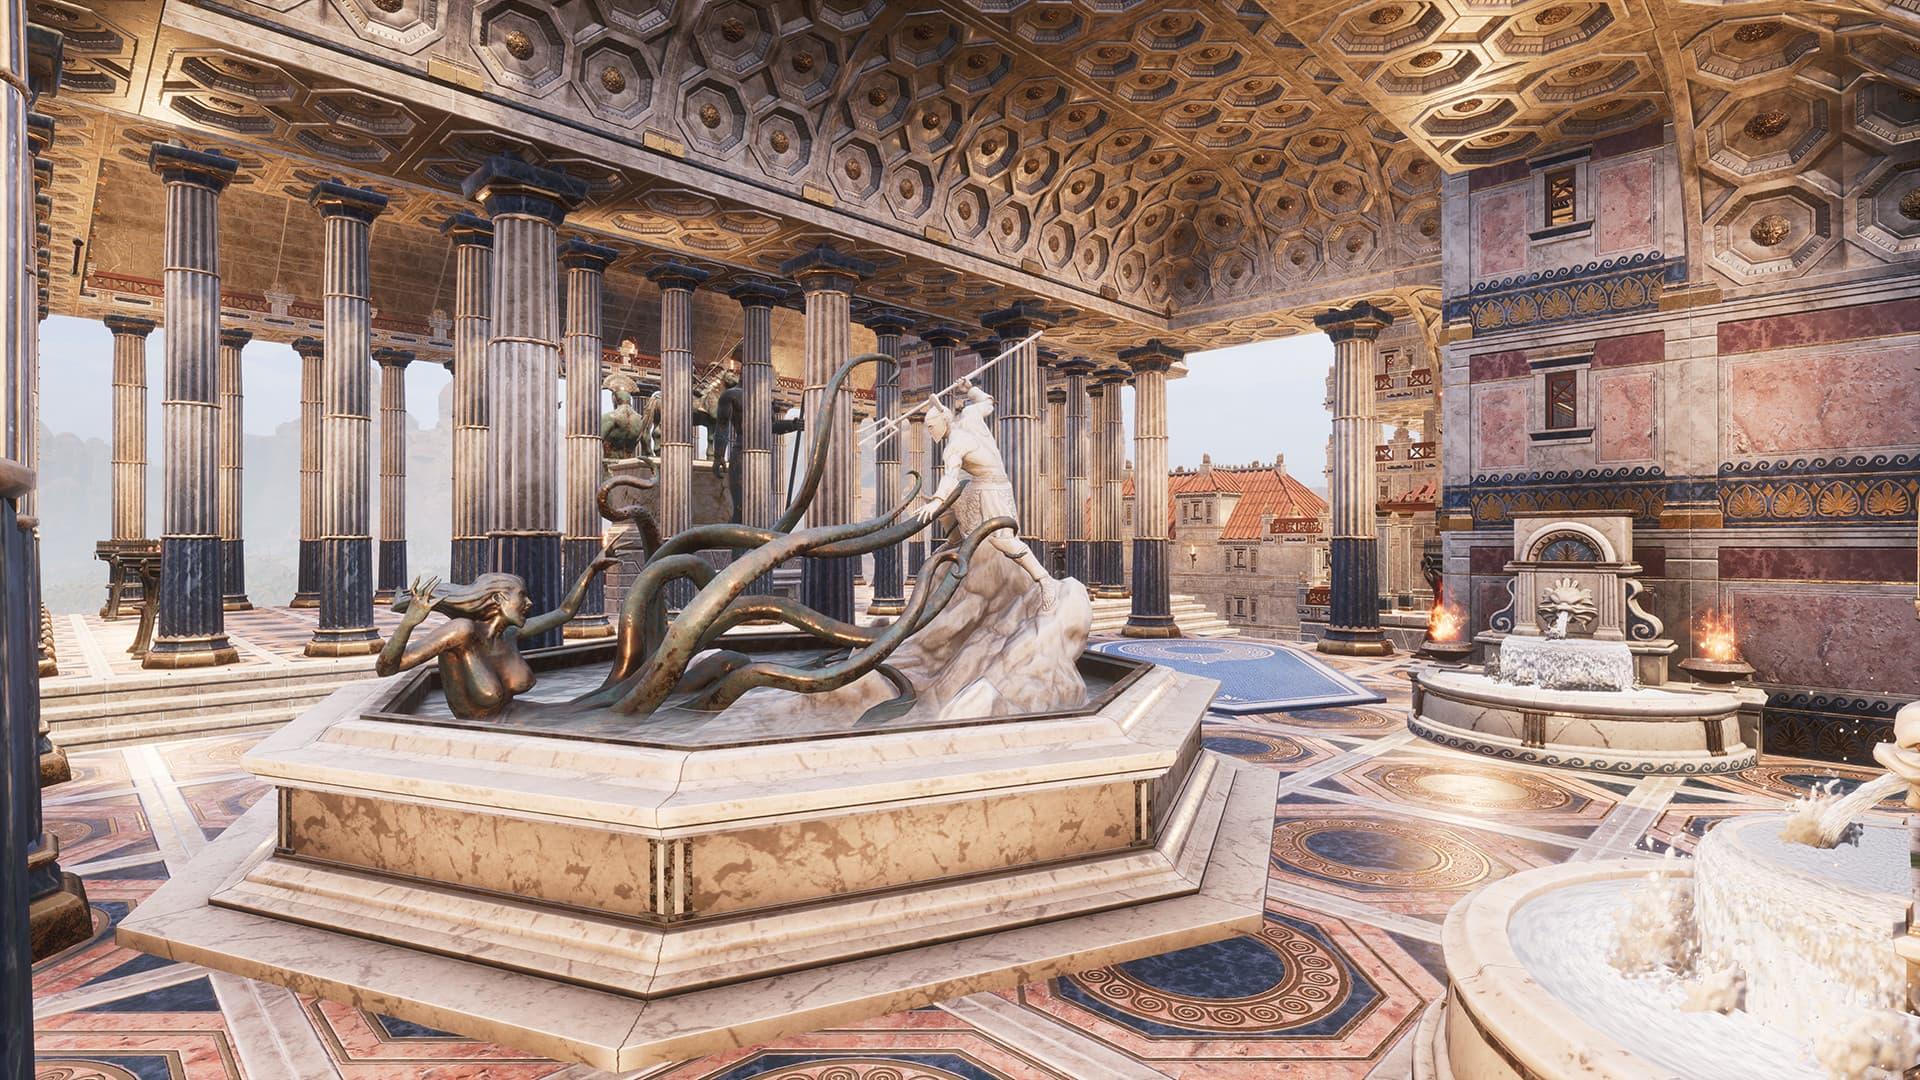 Conan Exiles - Architects of Argos Xbox One